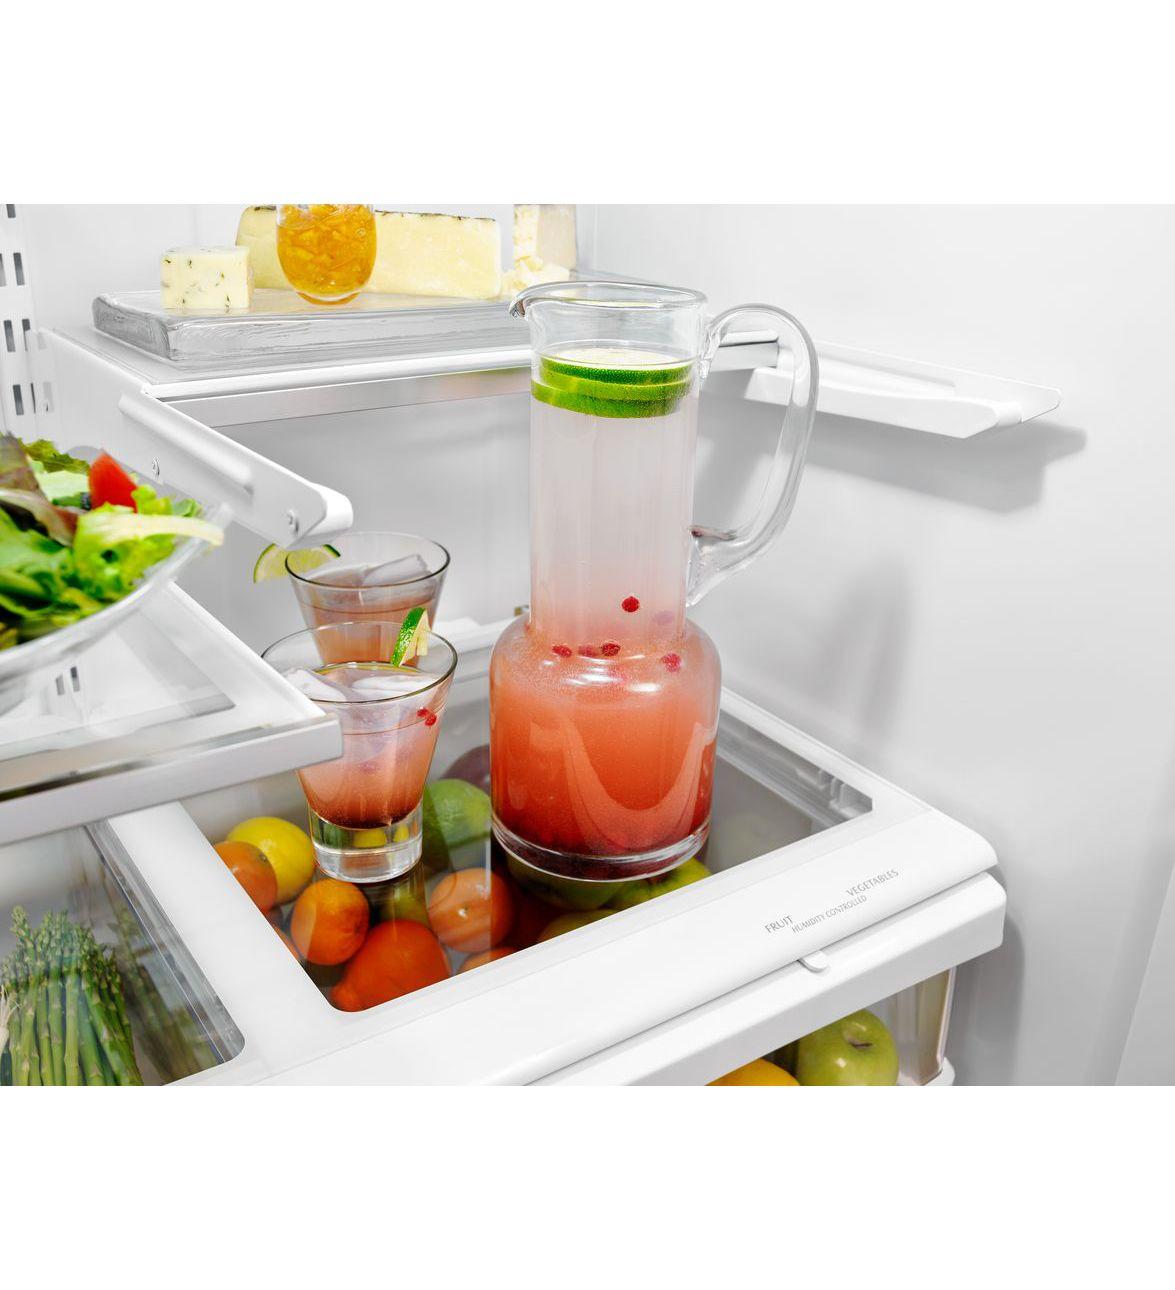 Réfrigérateur de 25 pi cu avec eau intérieur